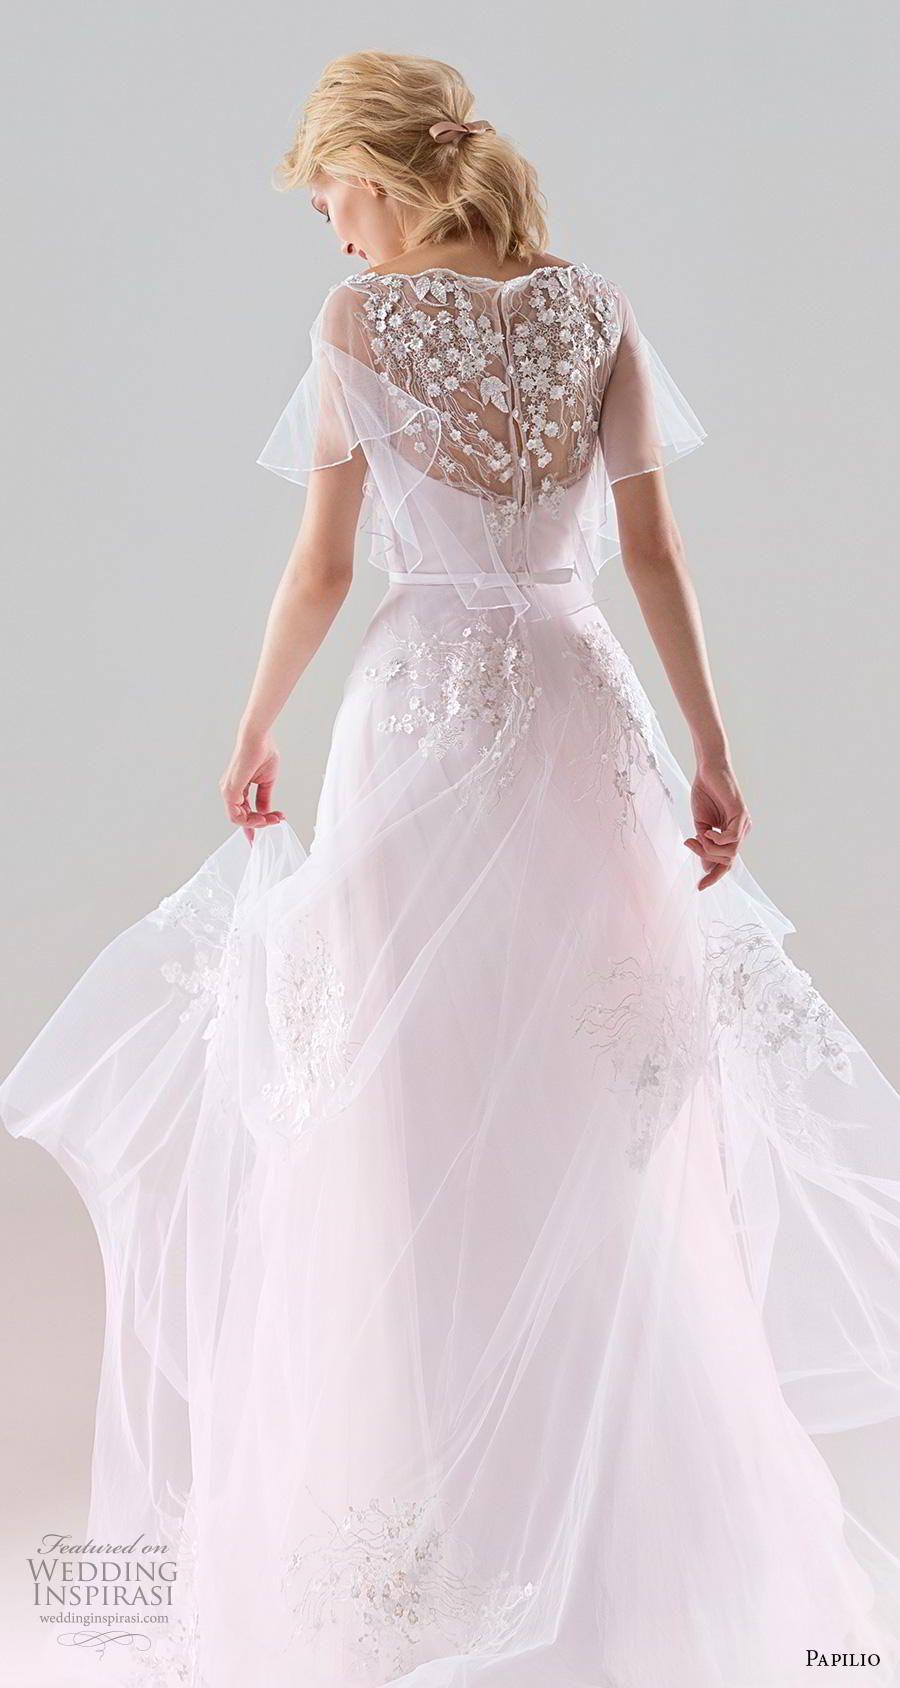 Papilio 2019 Wedding Dresses White Wind Bridal Collection Wedding Inspirasi Wedding Dresses Nontraditional Wedding Dress Sheer Wedding Dress [ 1688 x 900 Pixel ]